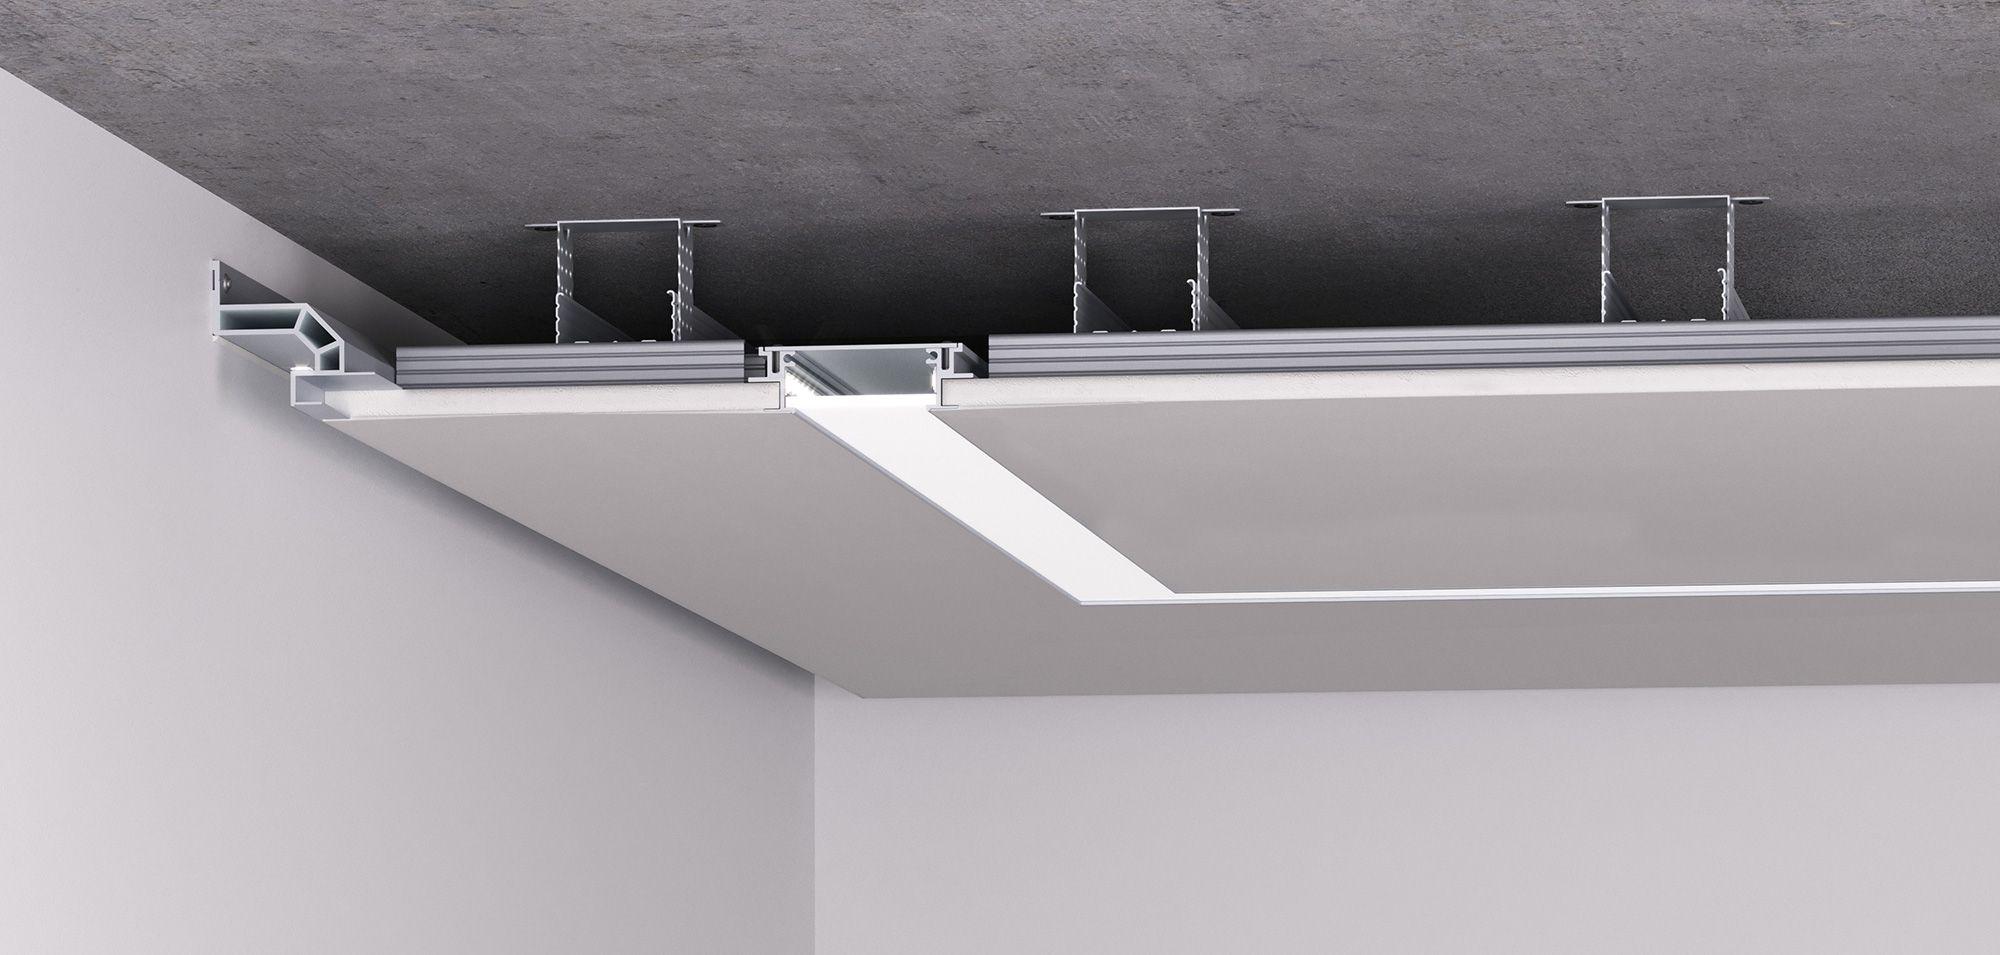 Linearbeleuchtung Fur Trockenbaudecken Lineare Beleuchtung Beleuchtung Blitz Design